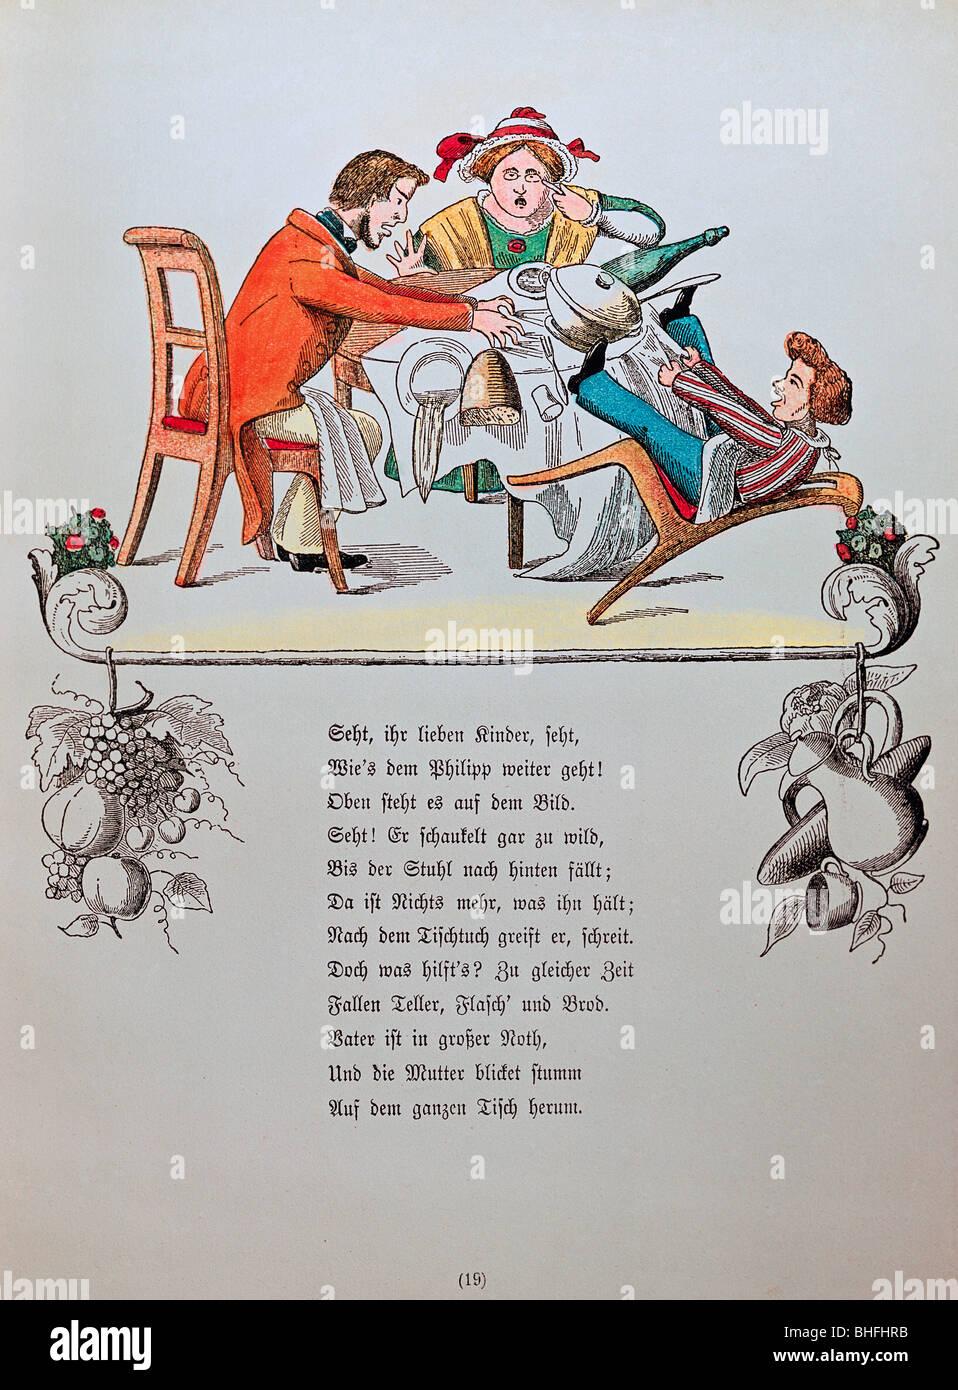 """Literatur, """"Der Struwwelpeter"""", """"Sterben Geschichte Vom Zappel-Philipp"""" (die Geschichte von Stockbild"""